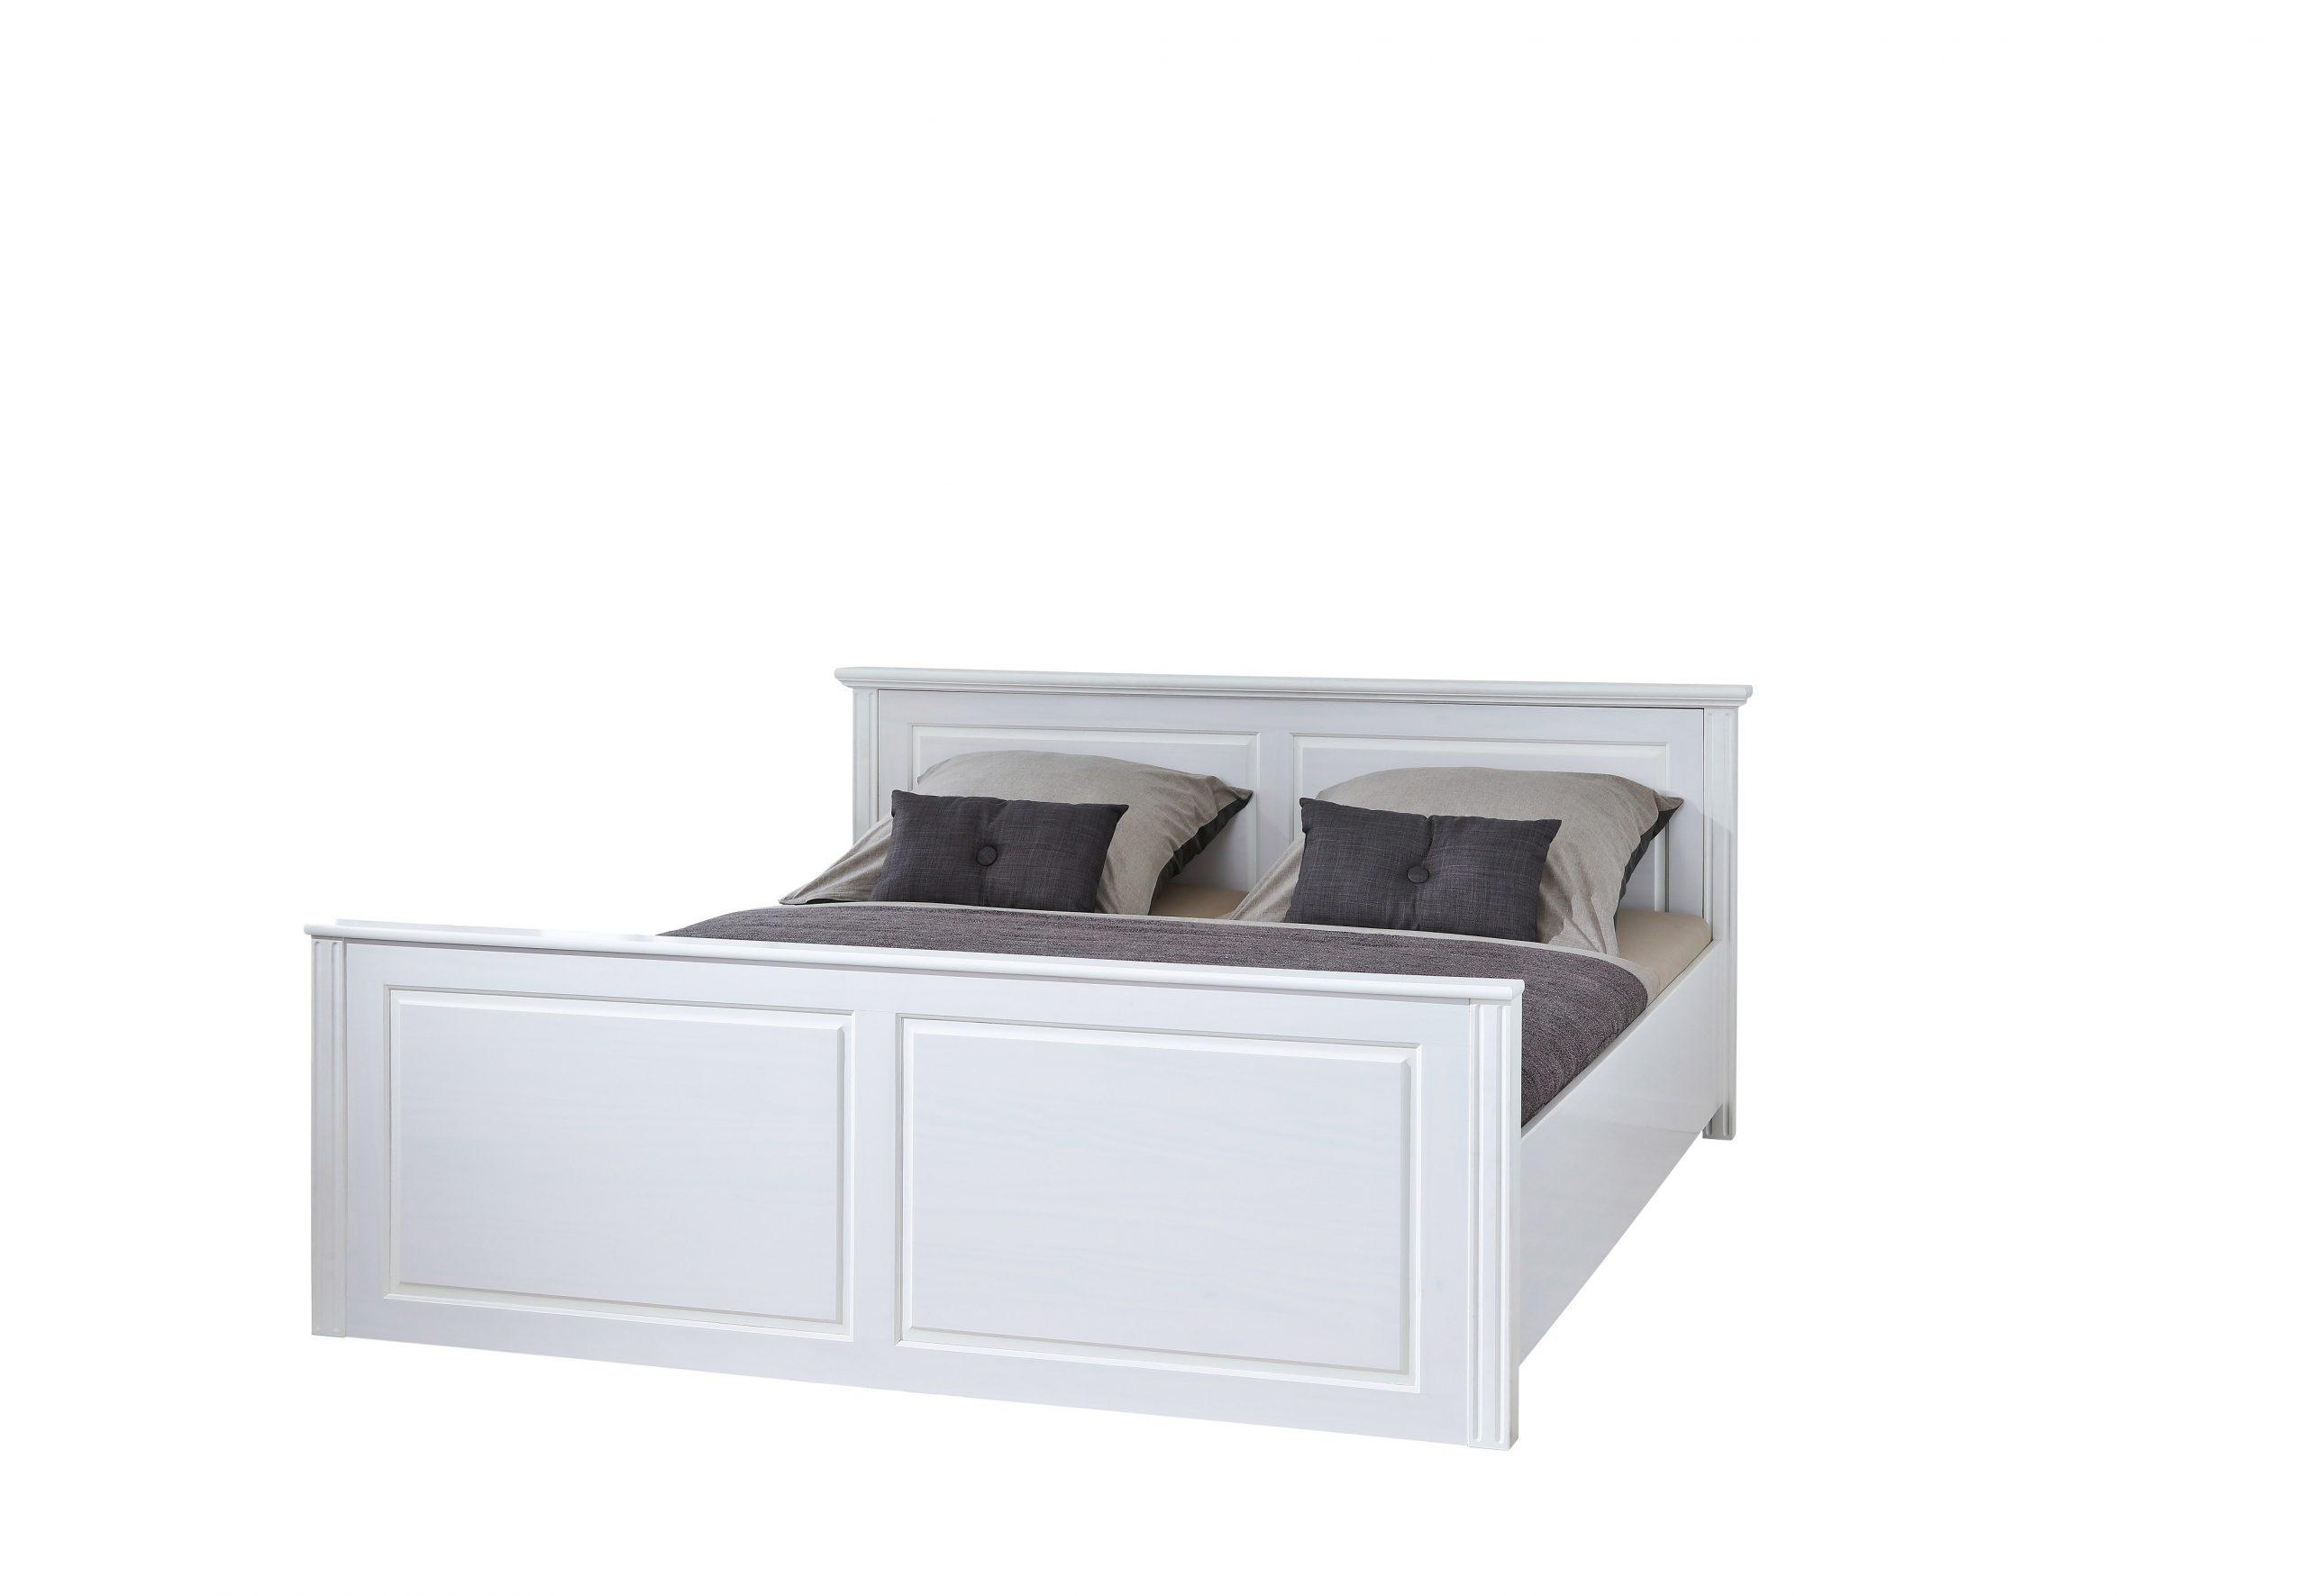 Full Size of Nolte Betten 140x200 Germersheim Sonyo Bett Doppelbett 200x200 Hagen Schlafzimmer Dico Kaufen Amerikanische 200x220 Schöne Treca 180x200 Für übergewichtige Bett Nolte Betten